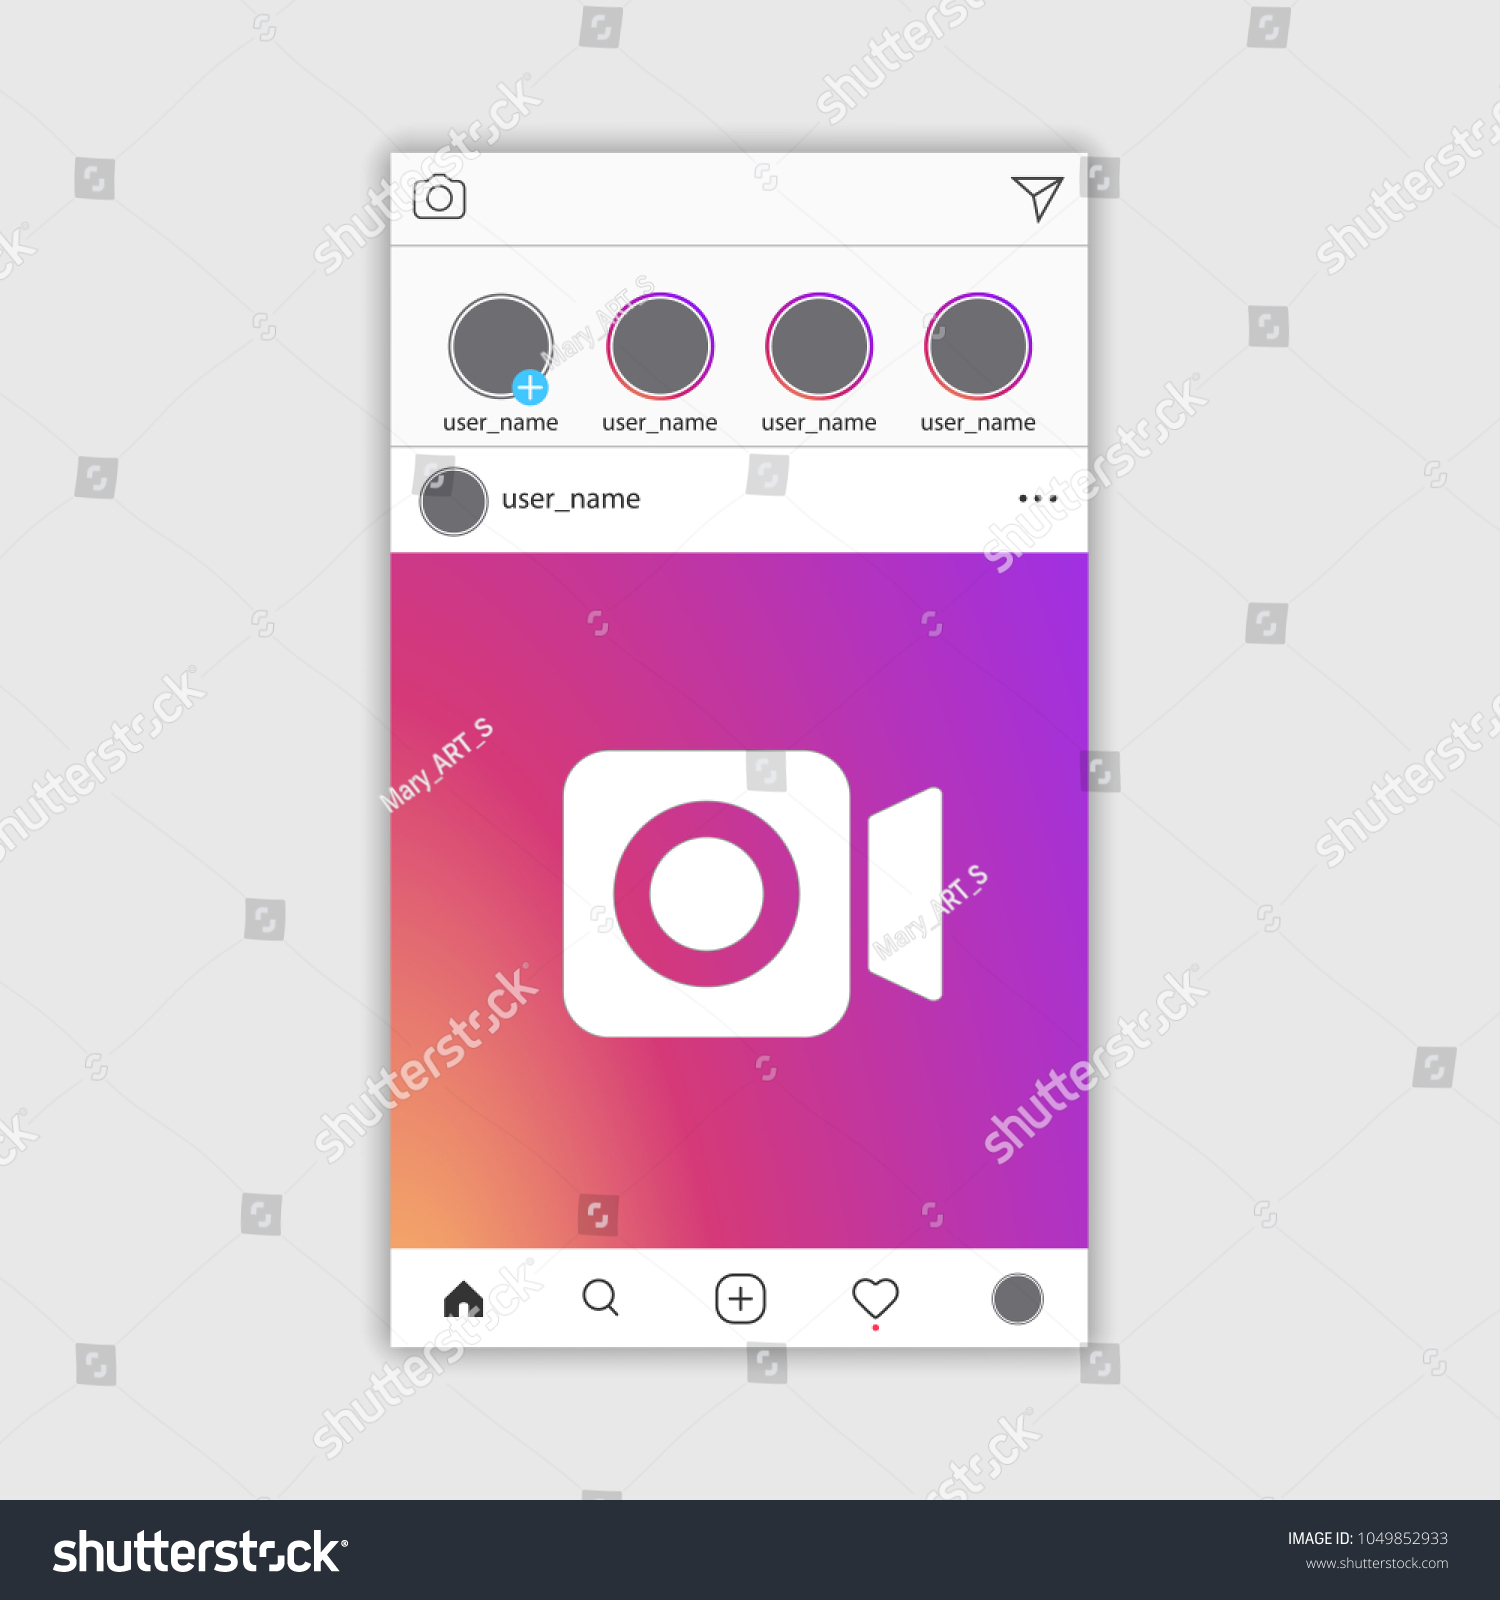 Social Media Instagram Video Frame EPS Stock Vector 1049852933 ...